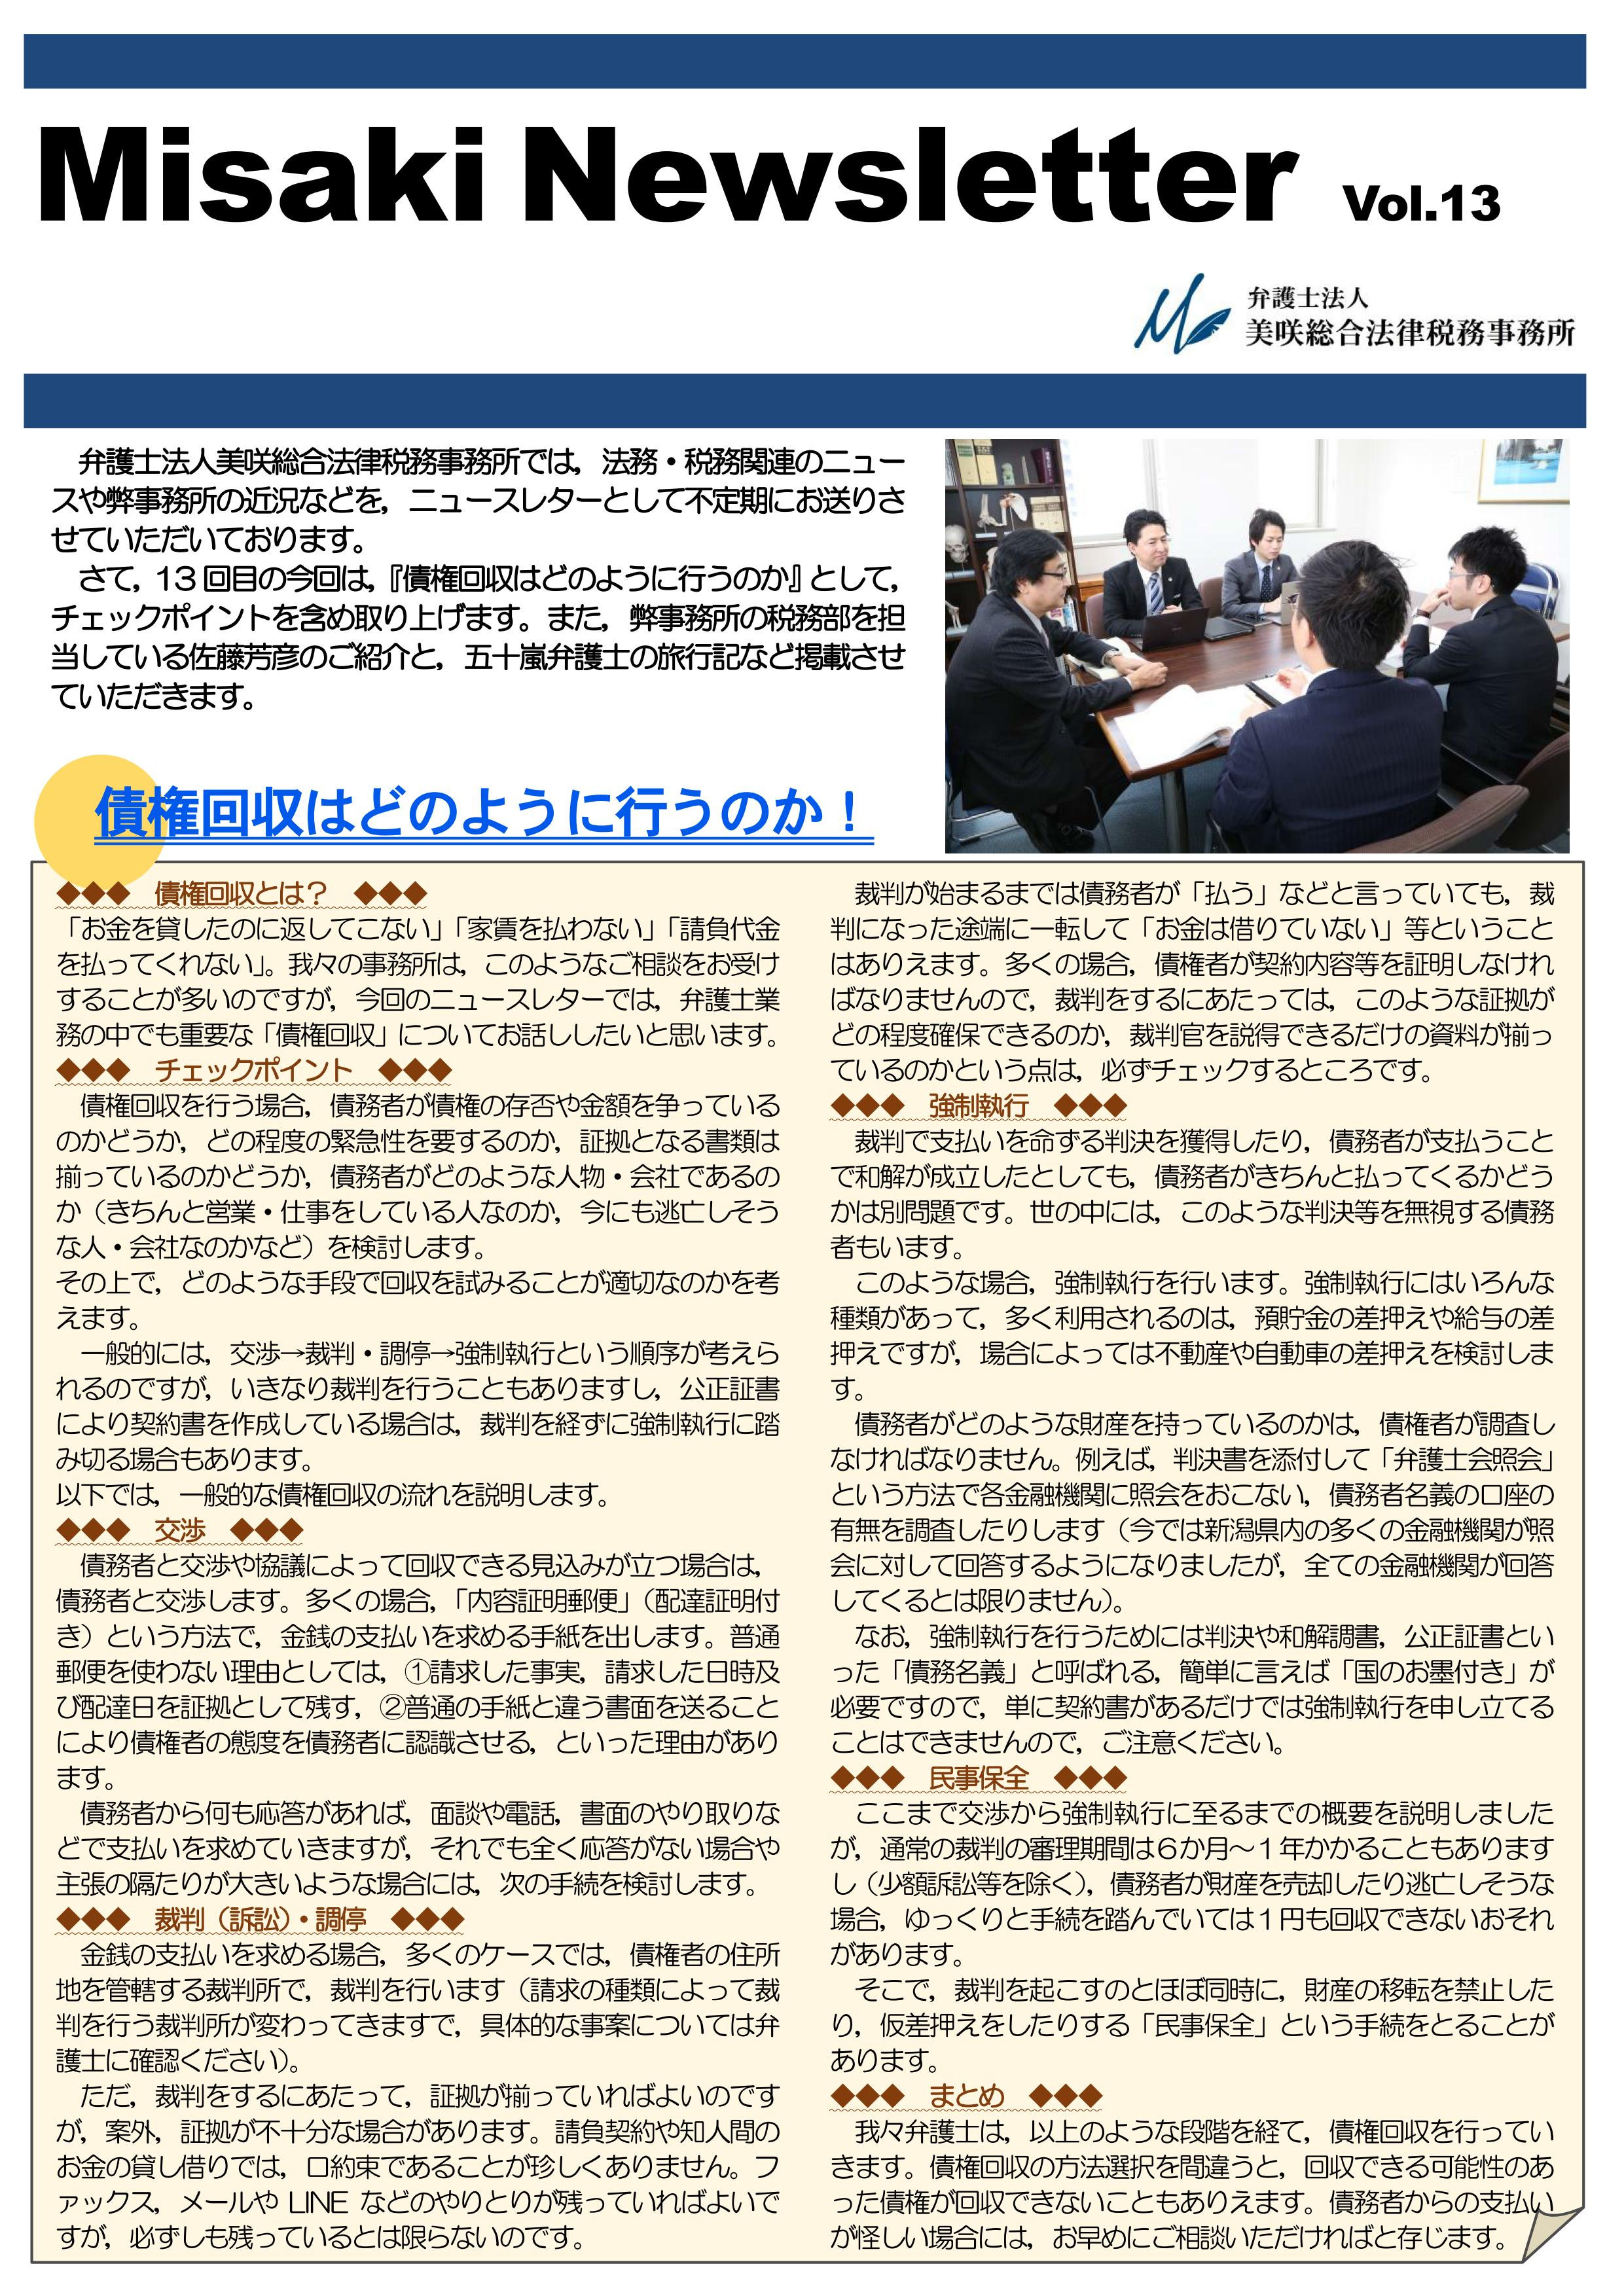 ニュースレター Vol.13 訂正1_01.jpg